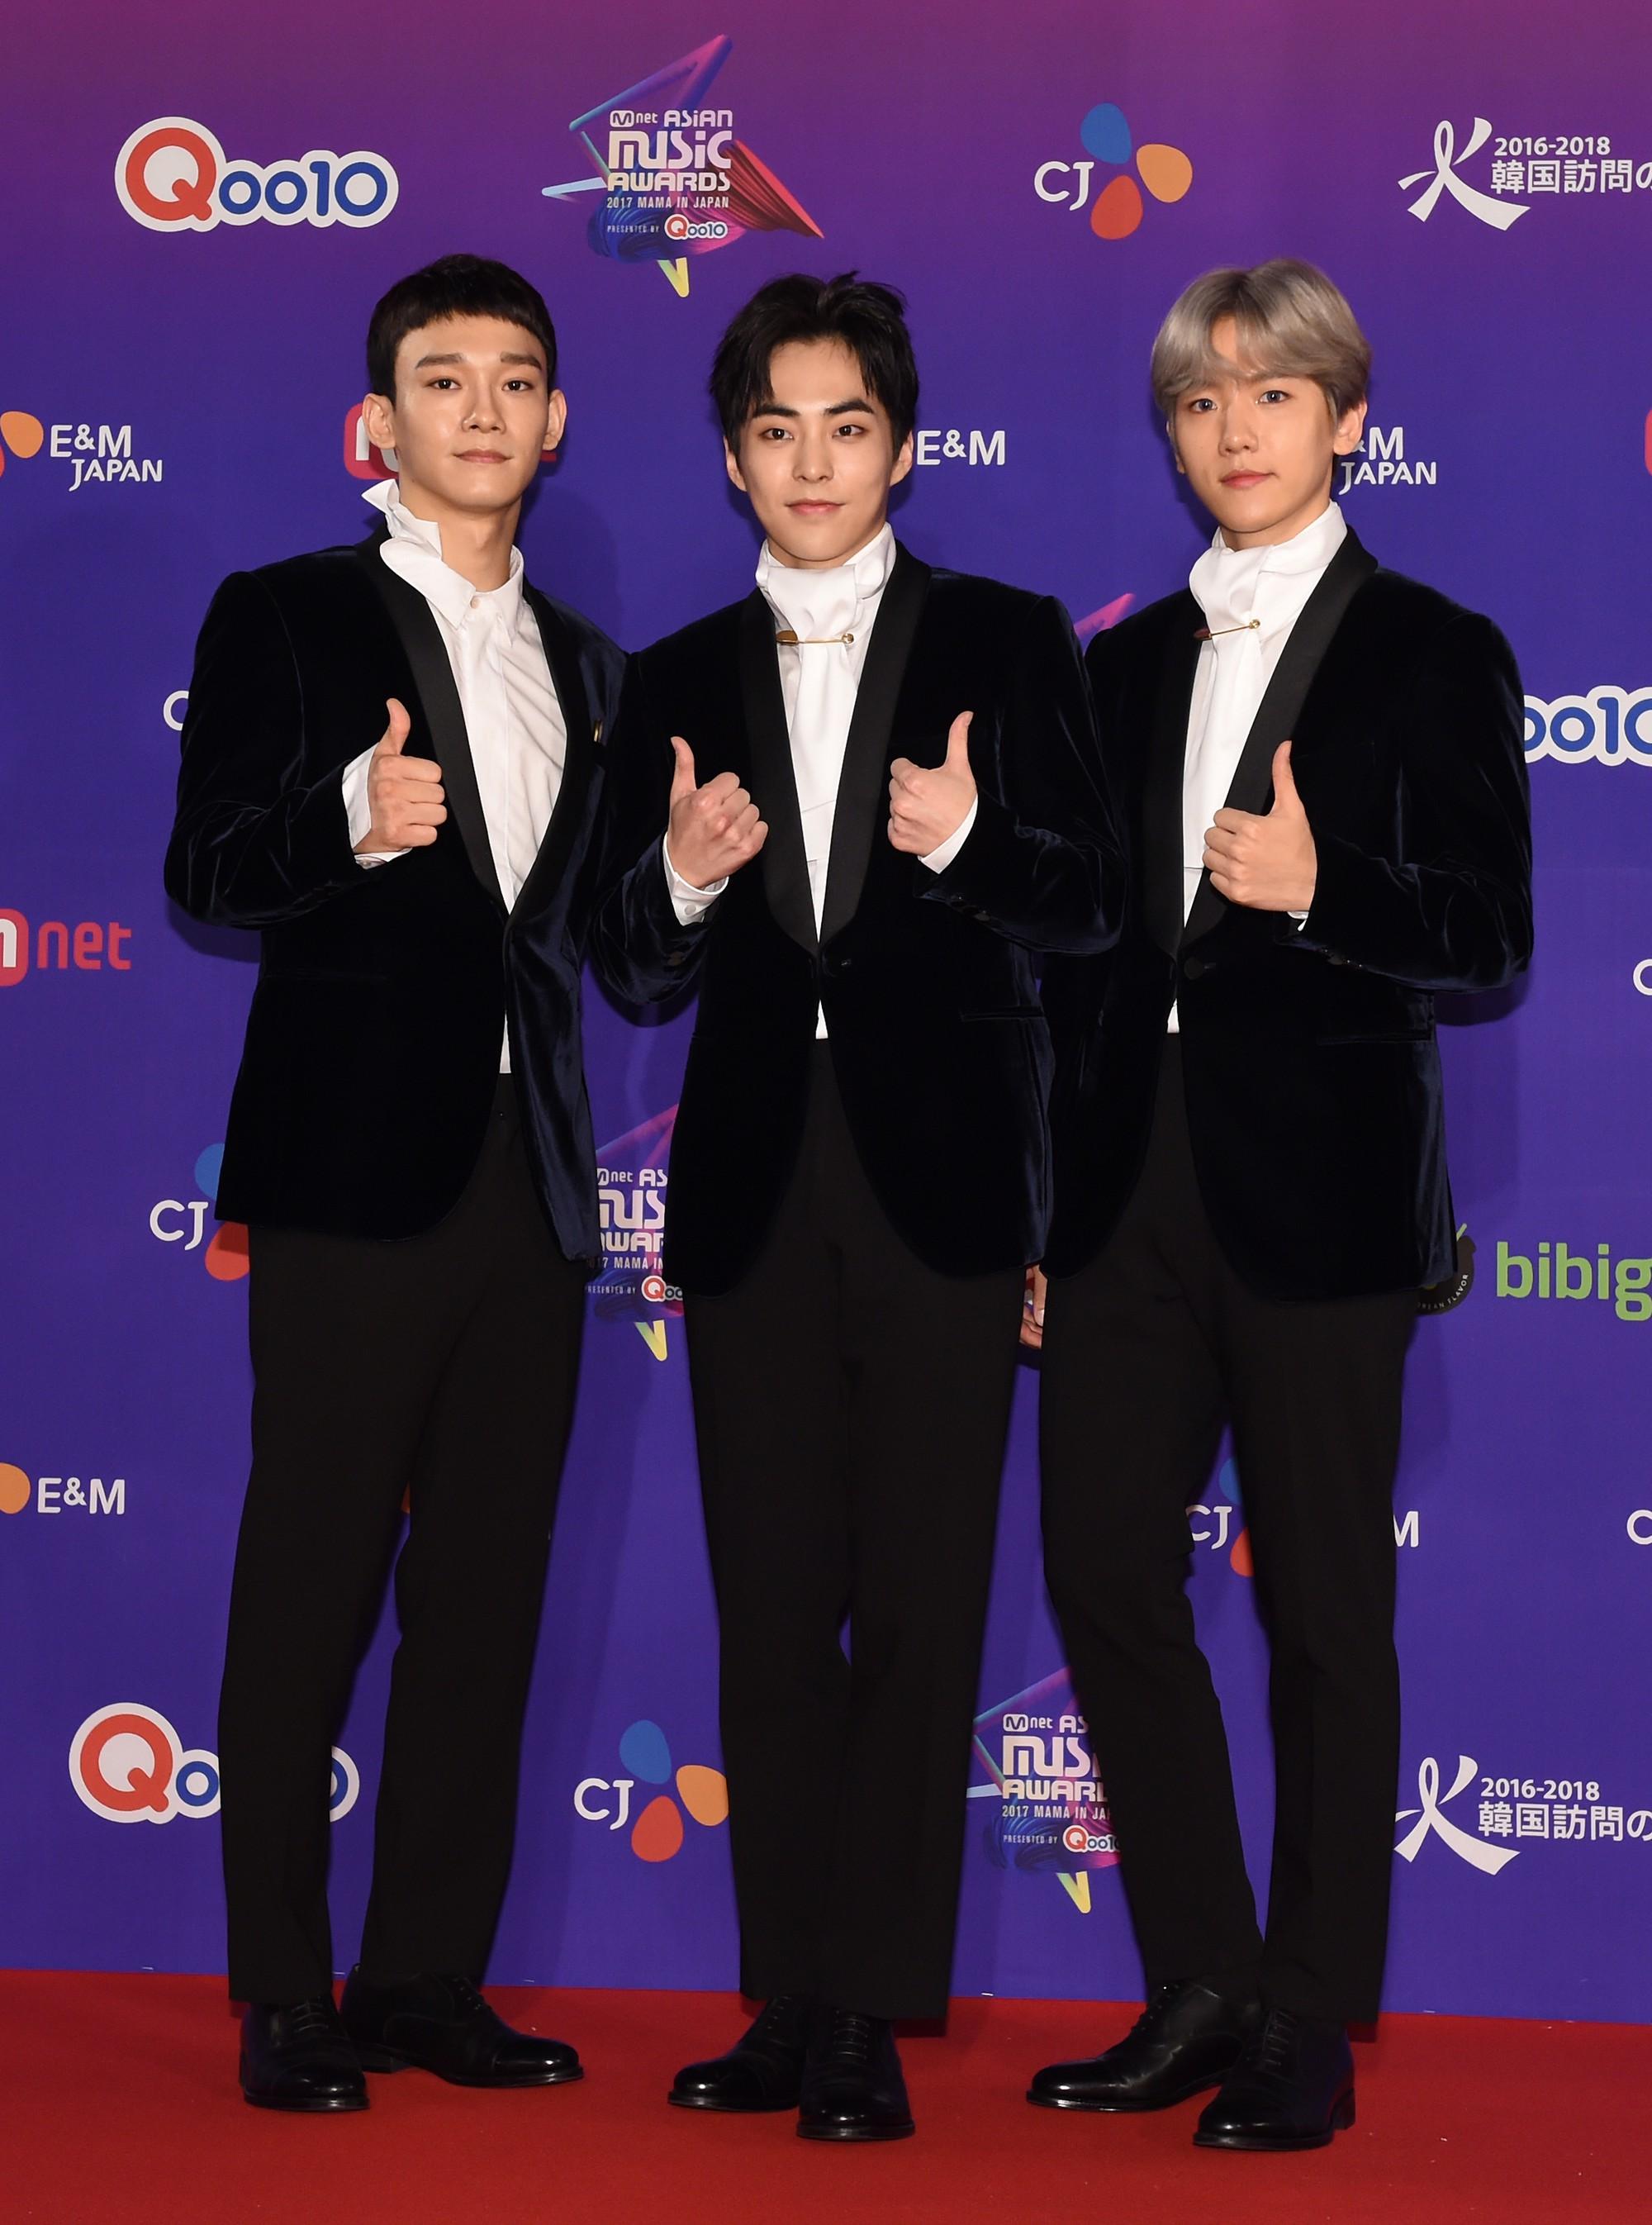 Thảm đỏ MAMA Nhật: Park Bo Gum và dàn mỹ nam Wanna One, EXO chiếm trọn sự chú ý, Kim So Hyun đọ sắc TWICE - Ảnh 8.